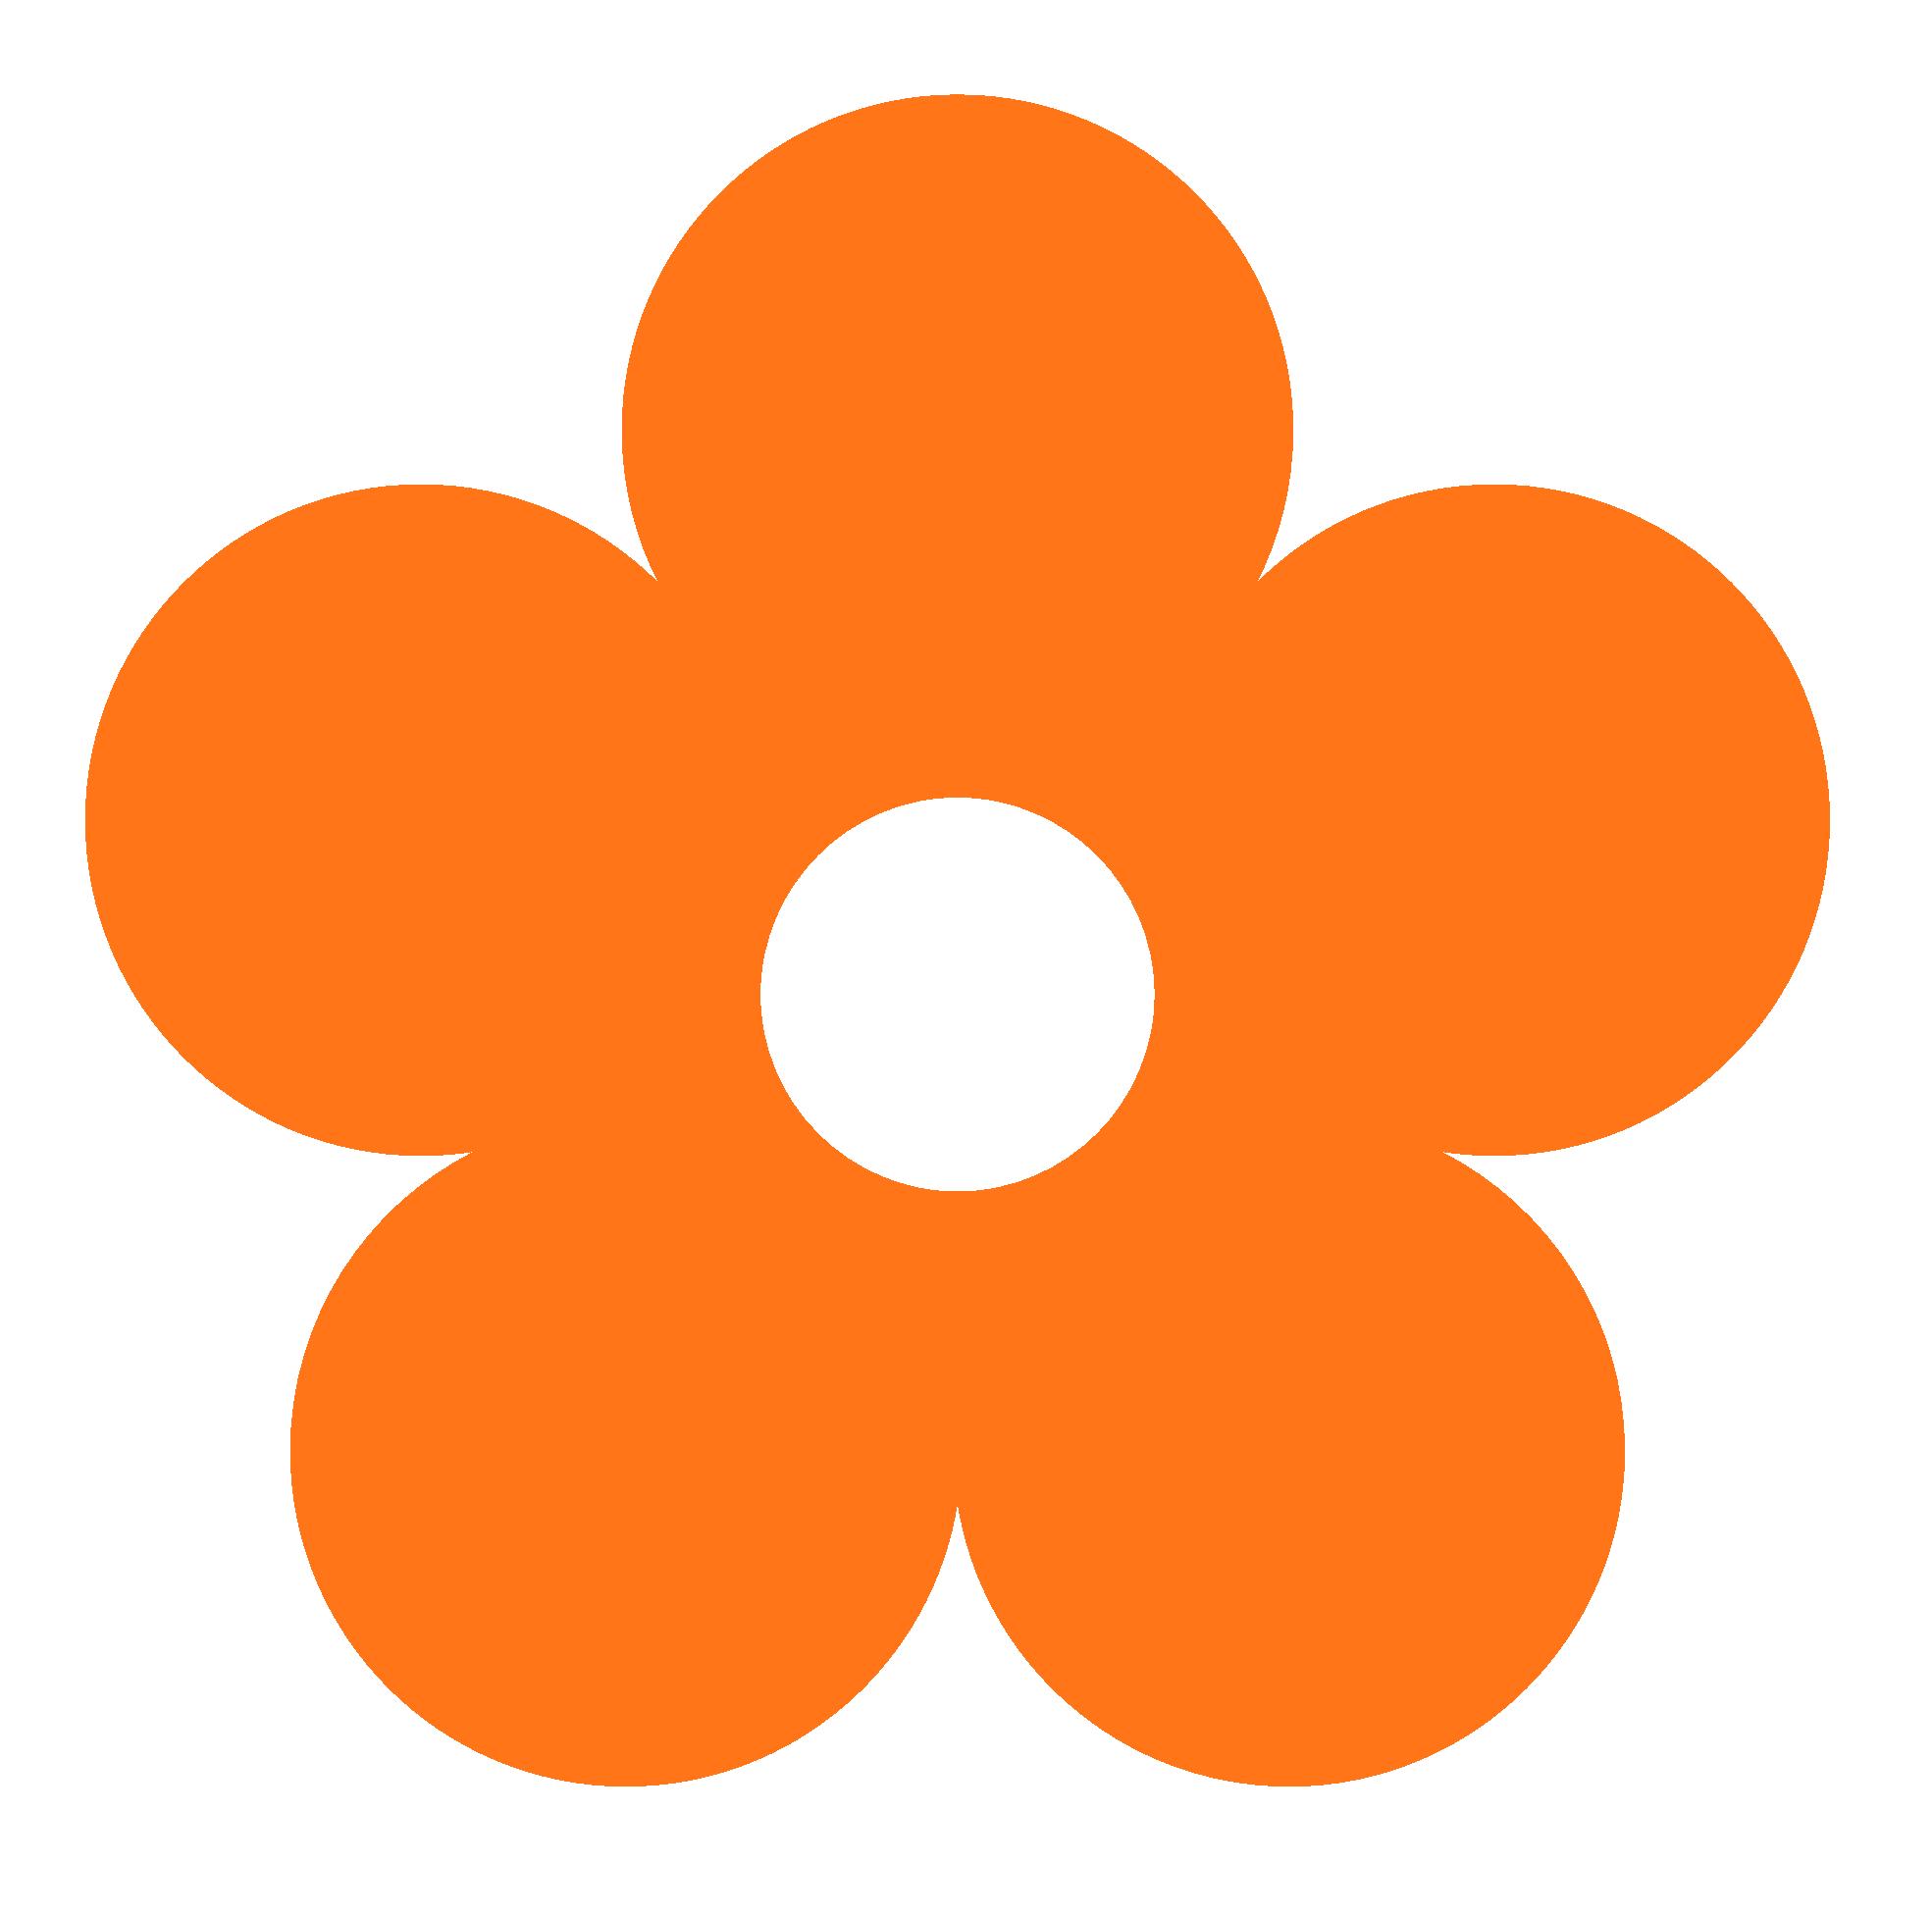 Flower clip art panda. Clipart pumpkin floral